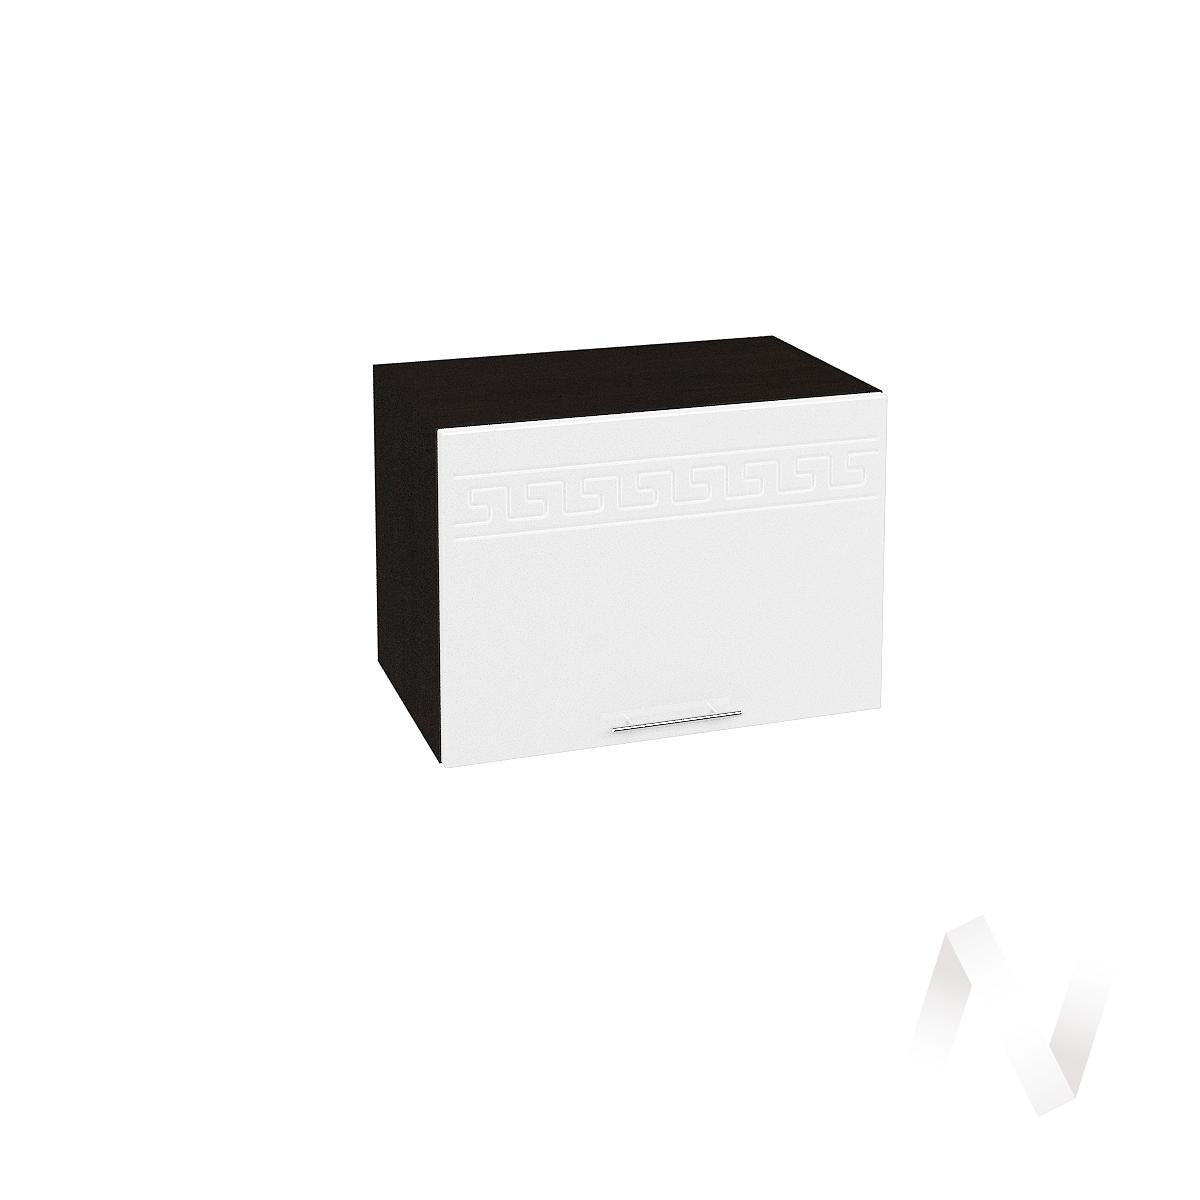 """Кухня """"Греция"""": Шкаф верхний горизонтальный 500, ШВГ 500 (белый металлик/корпус венге)  в Новосибирске - интернет магазин Мебельный Проспект"""